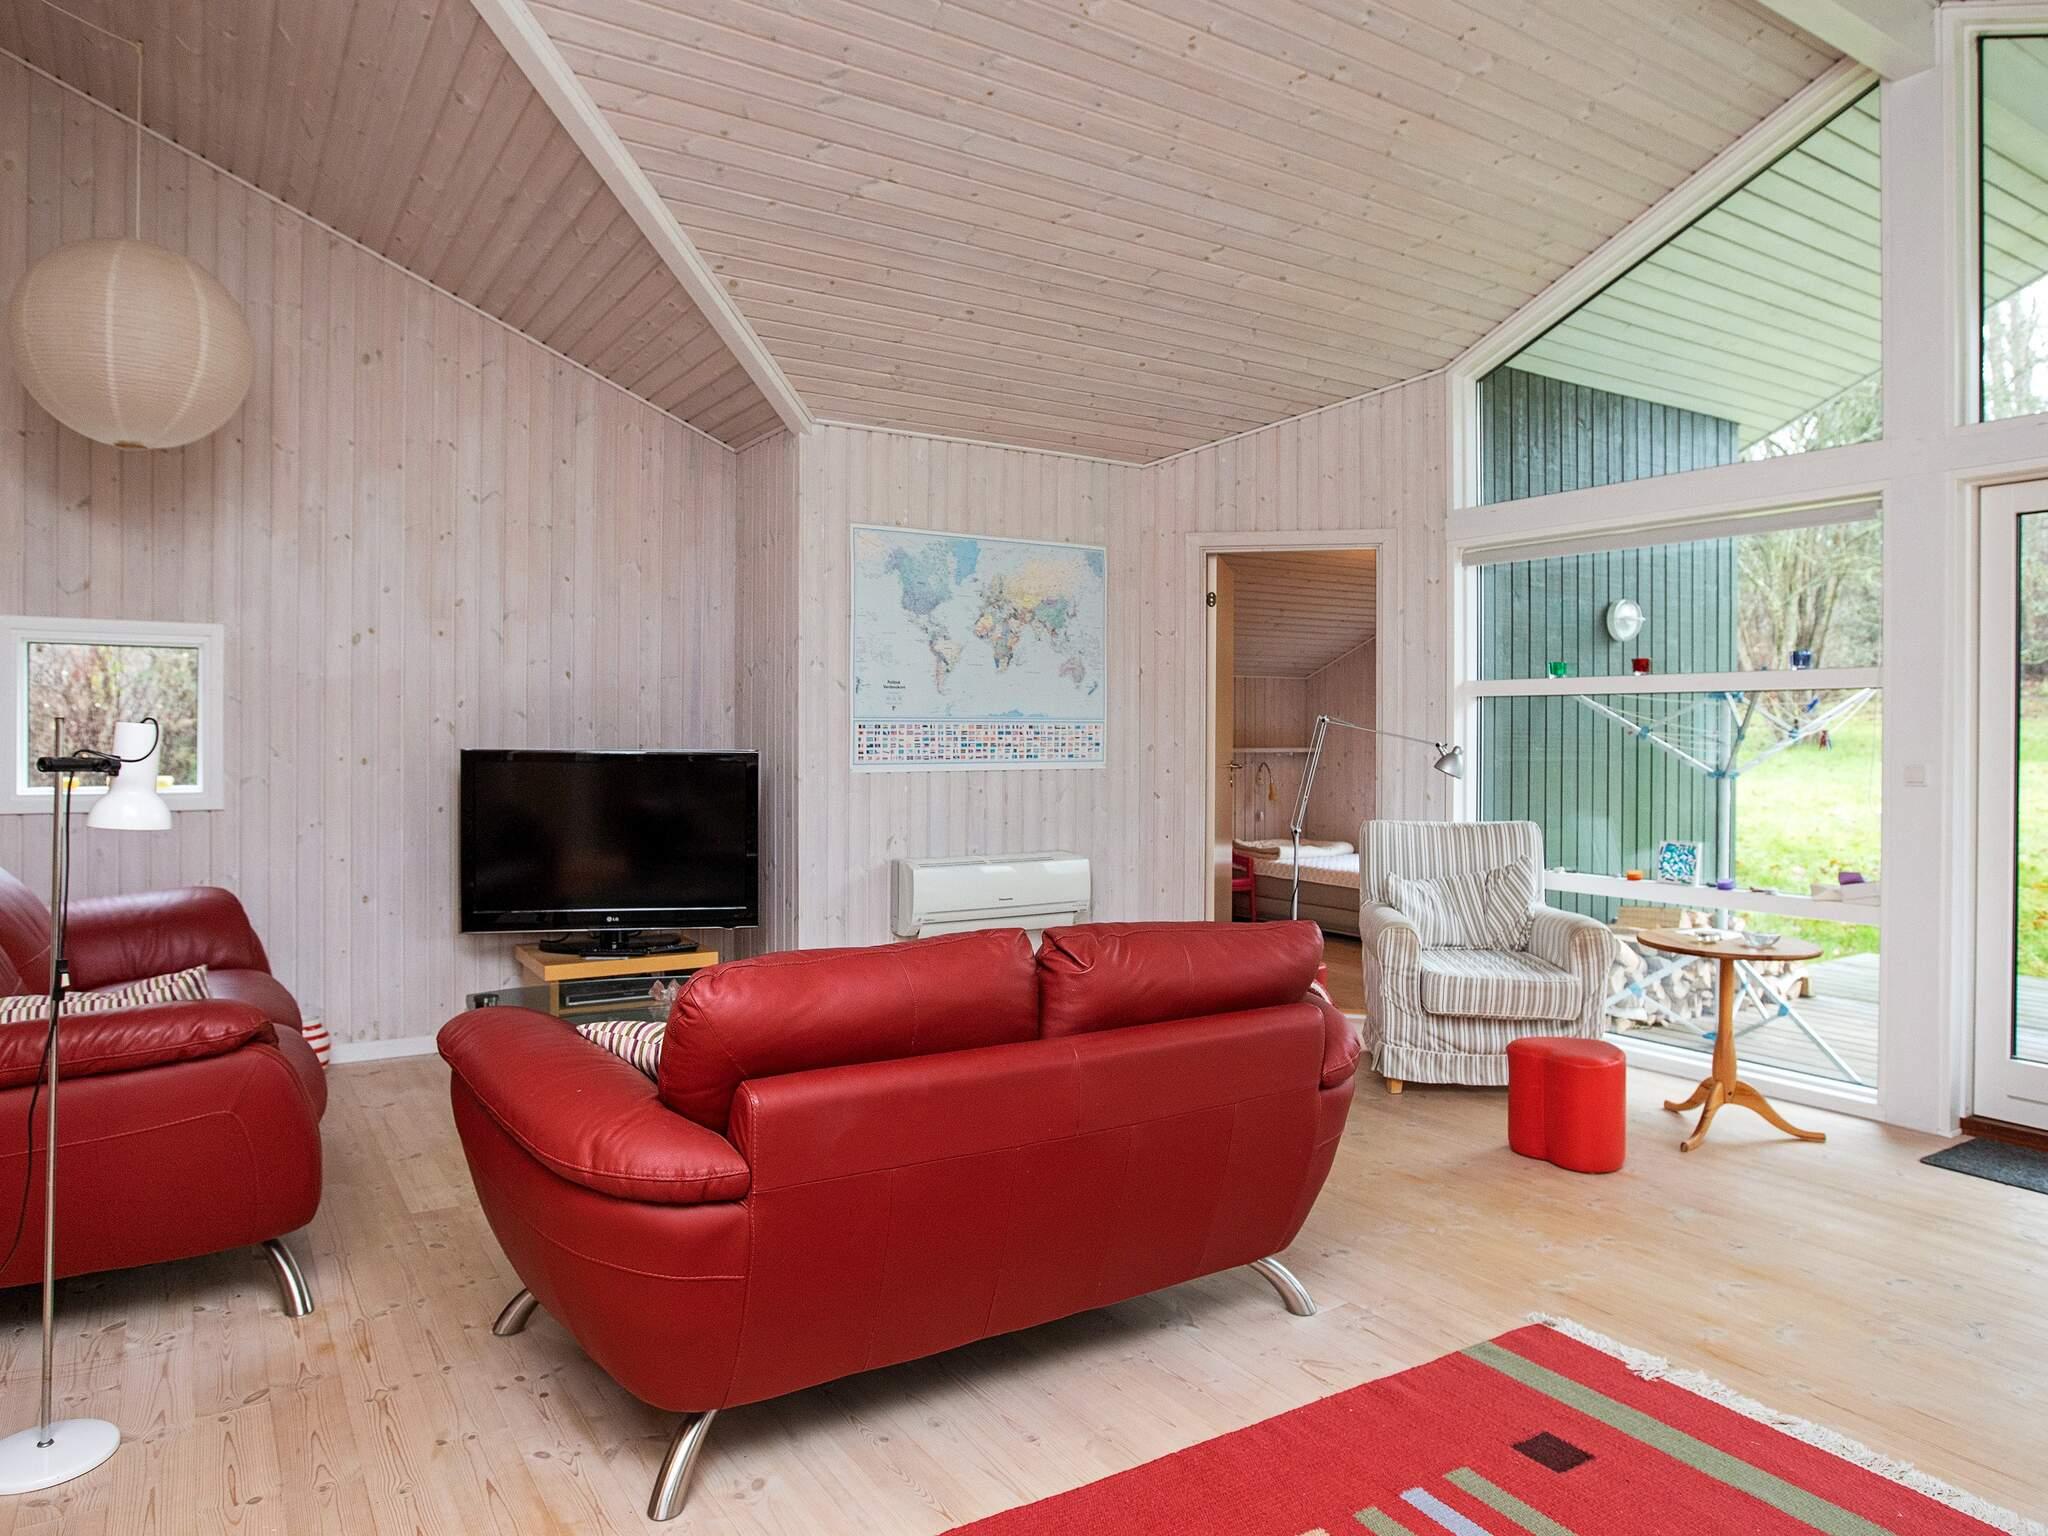 Ferienhaus Vejby (2701529), Vejby, , Nordseeland, Dänemark, Bild 3